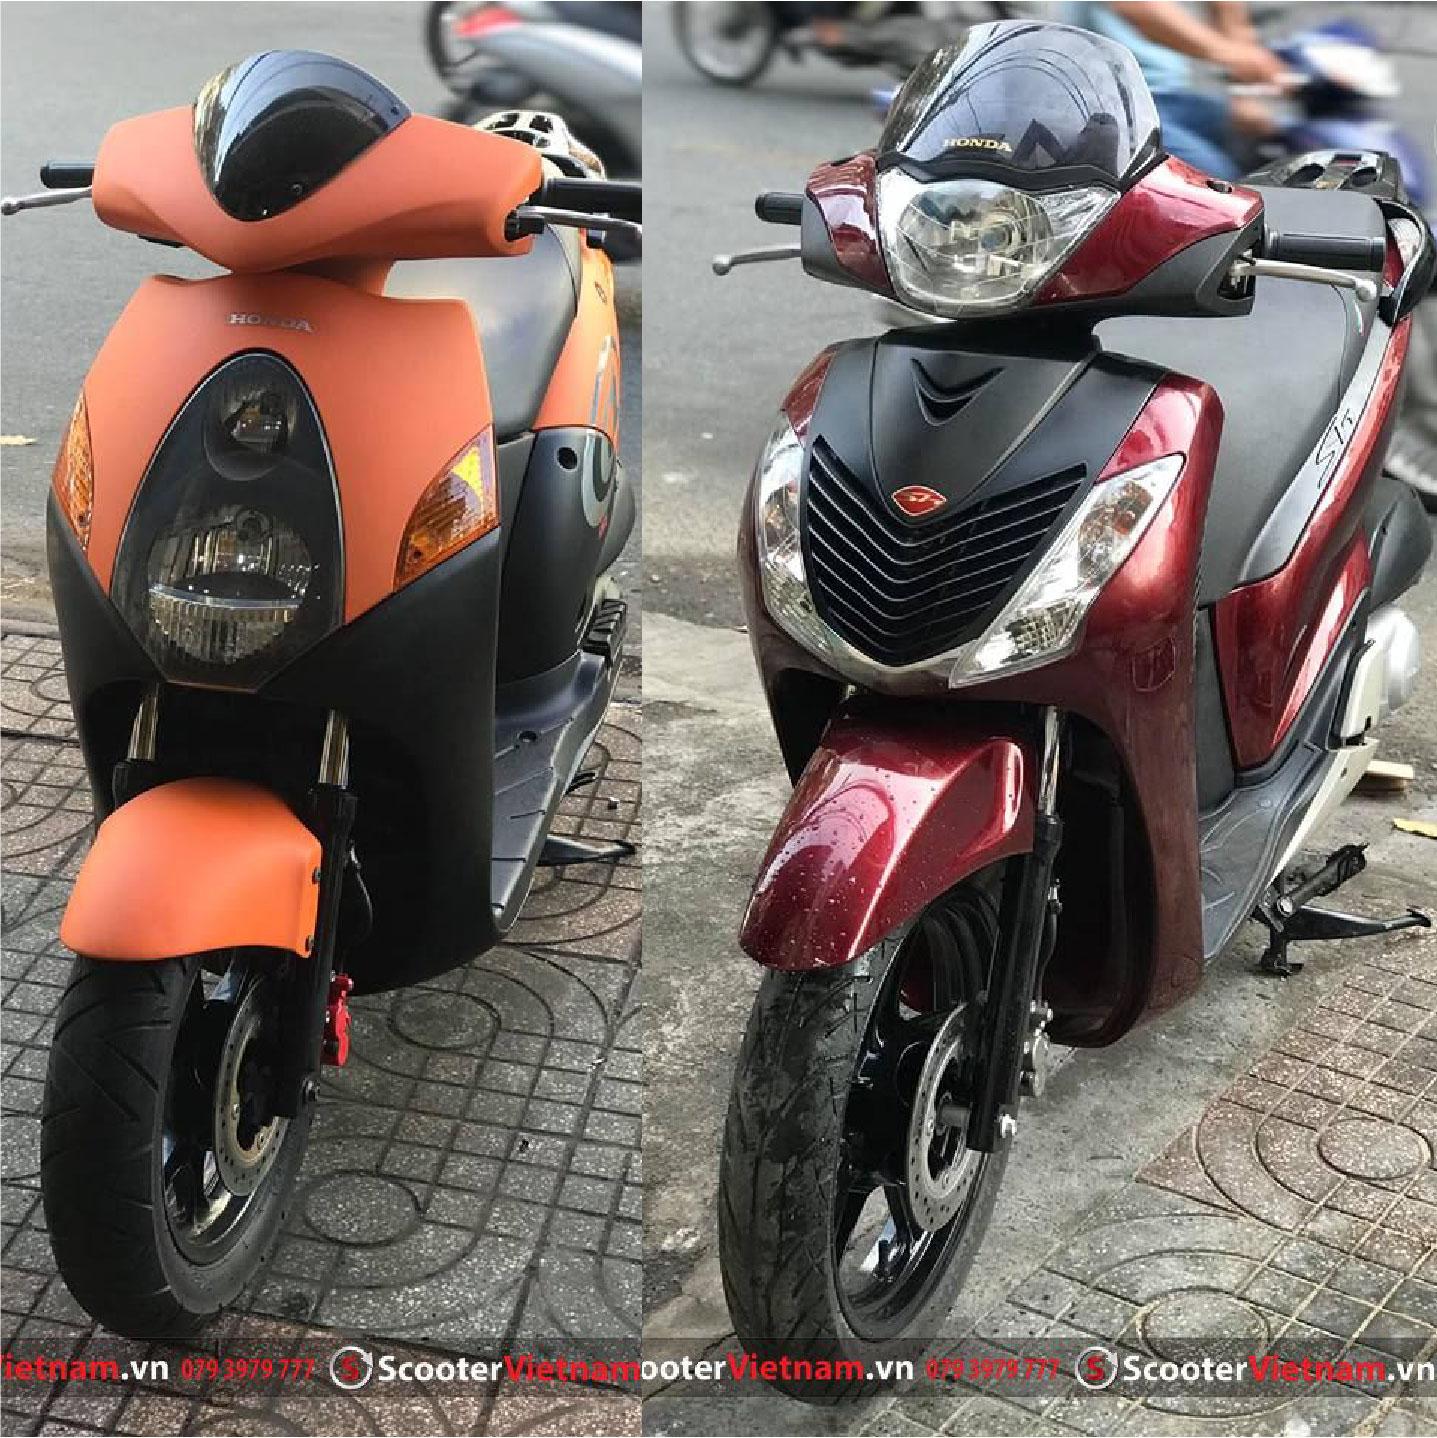 Combo Độ Xe @ lên Sh 2010-2012 Dzin màu đỏ đô đẹp đẳng cấp tại Scooter Việt Nam